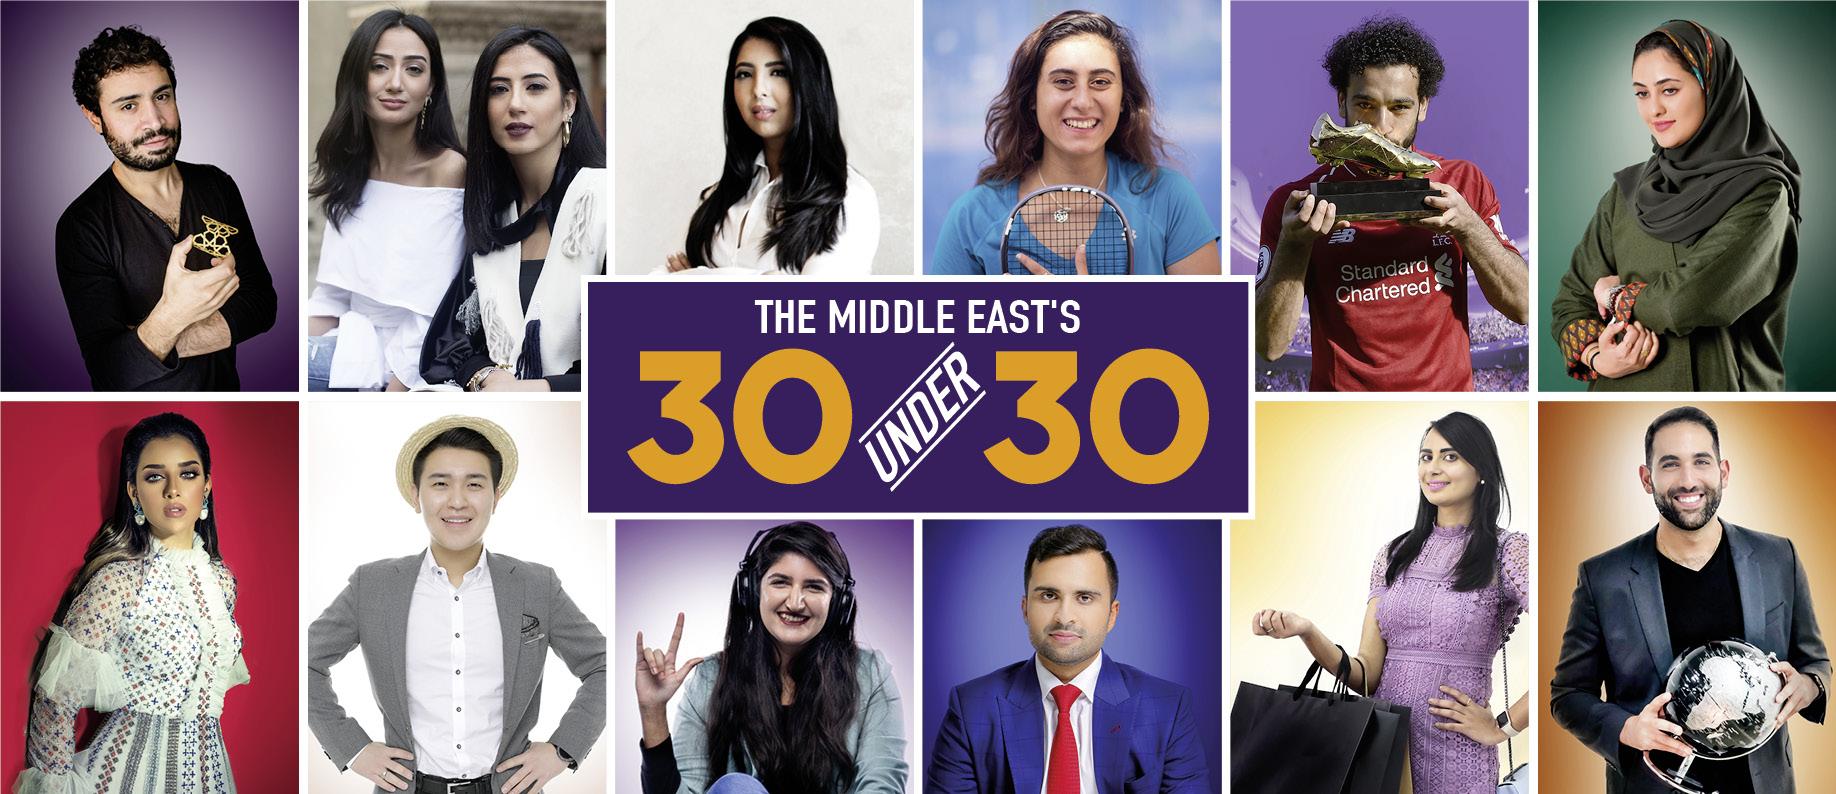 المبدعون الشباب تحت سن 30 في الشرق الأوسط لعام 2019